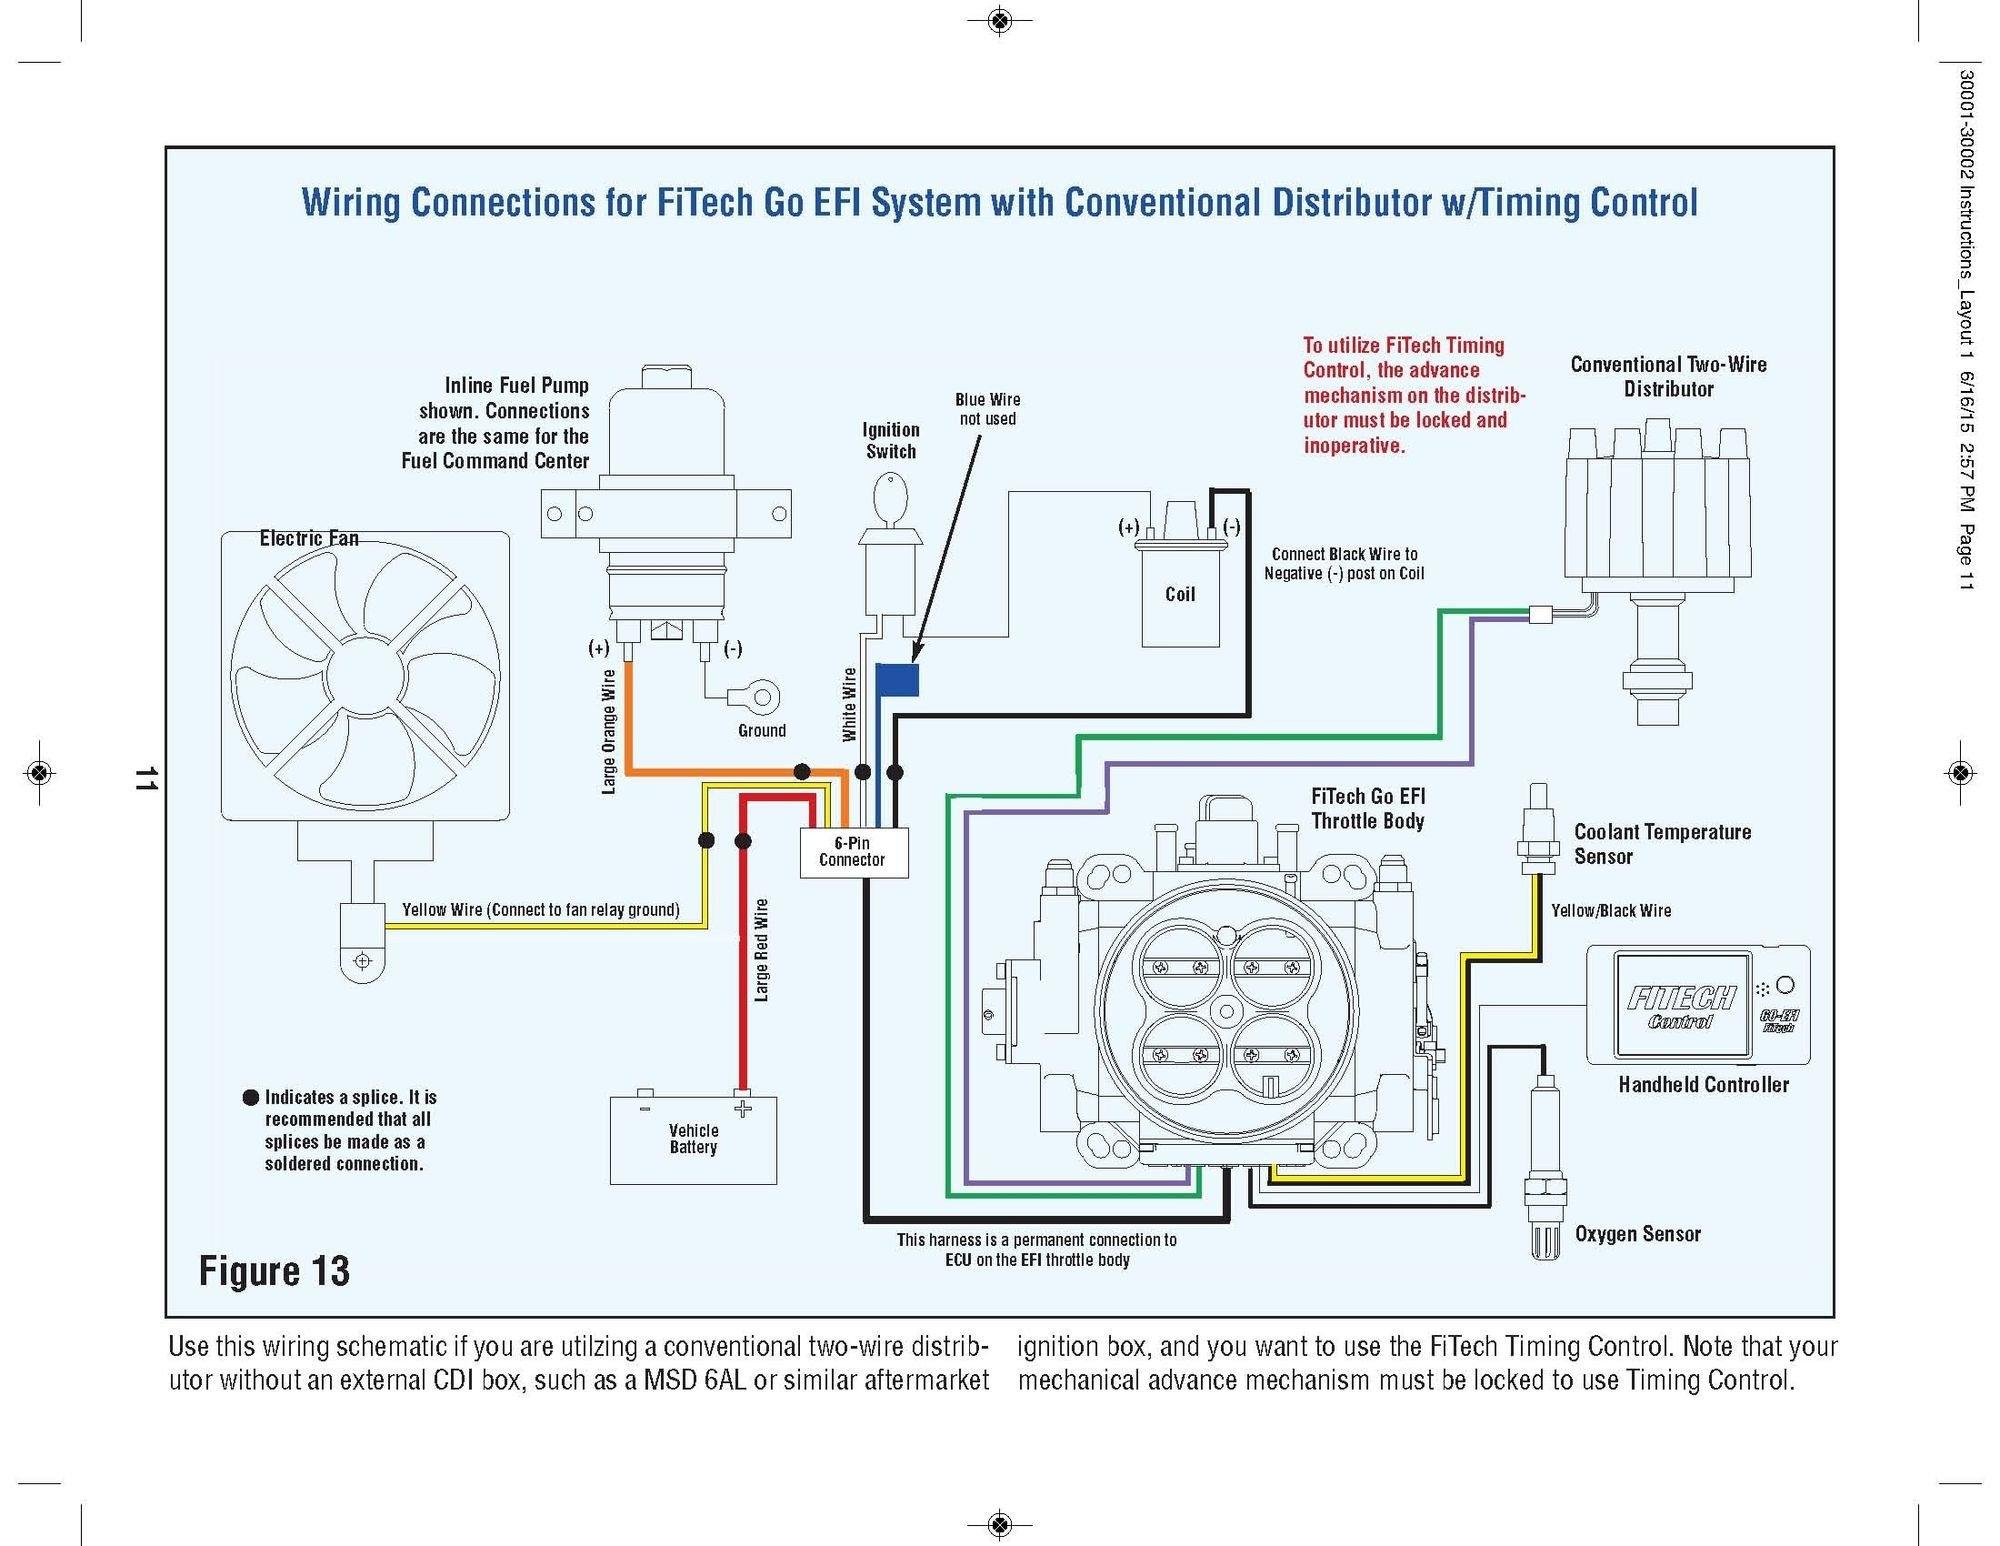 Fitech Wiring Diagram | Autowiringdiagram - Fitech Wiring Diagram